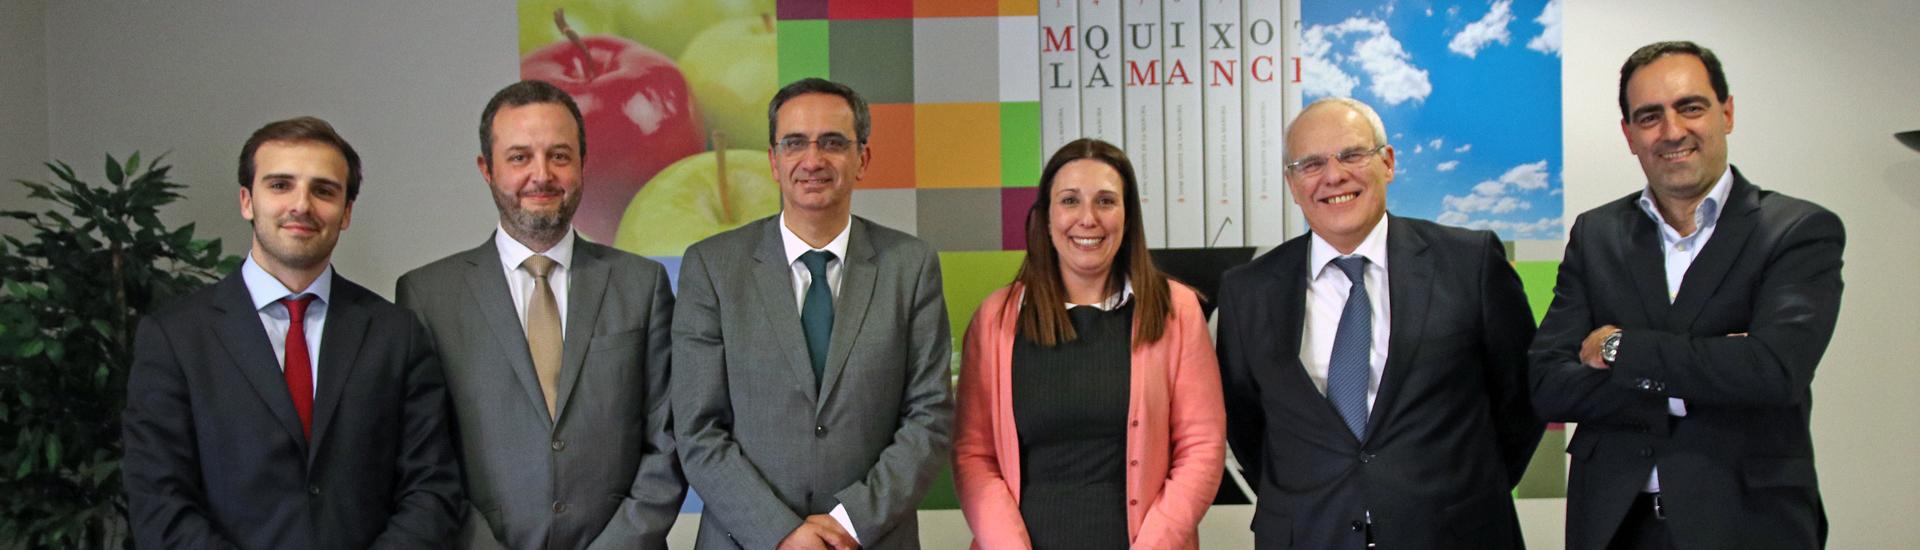 F3M e KGSA assinam acordo que irá apoiar entidades do setor social